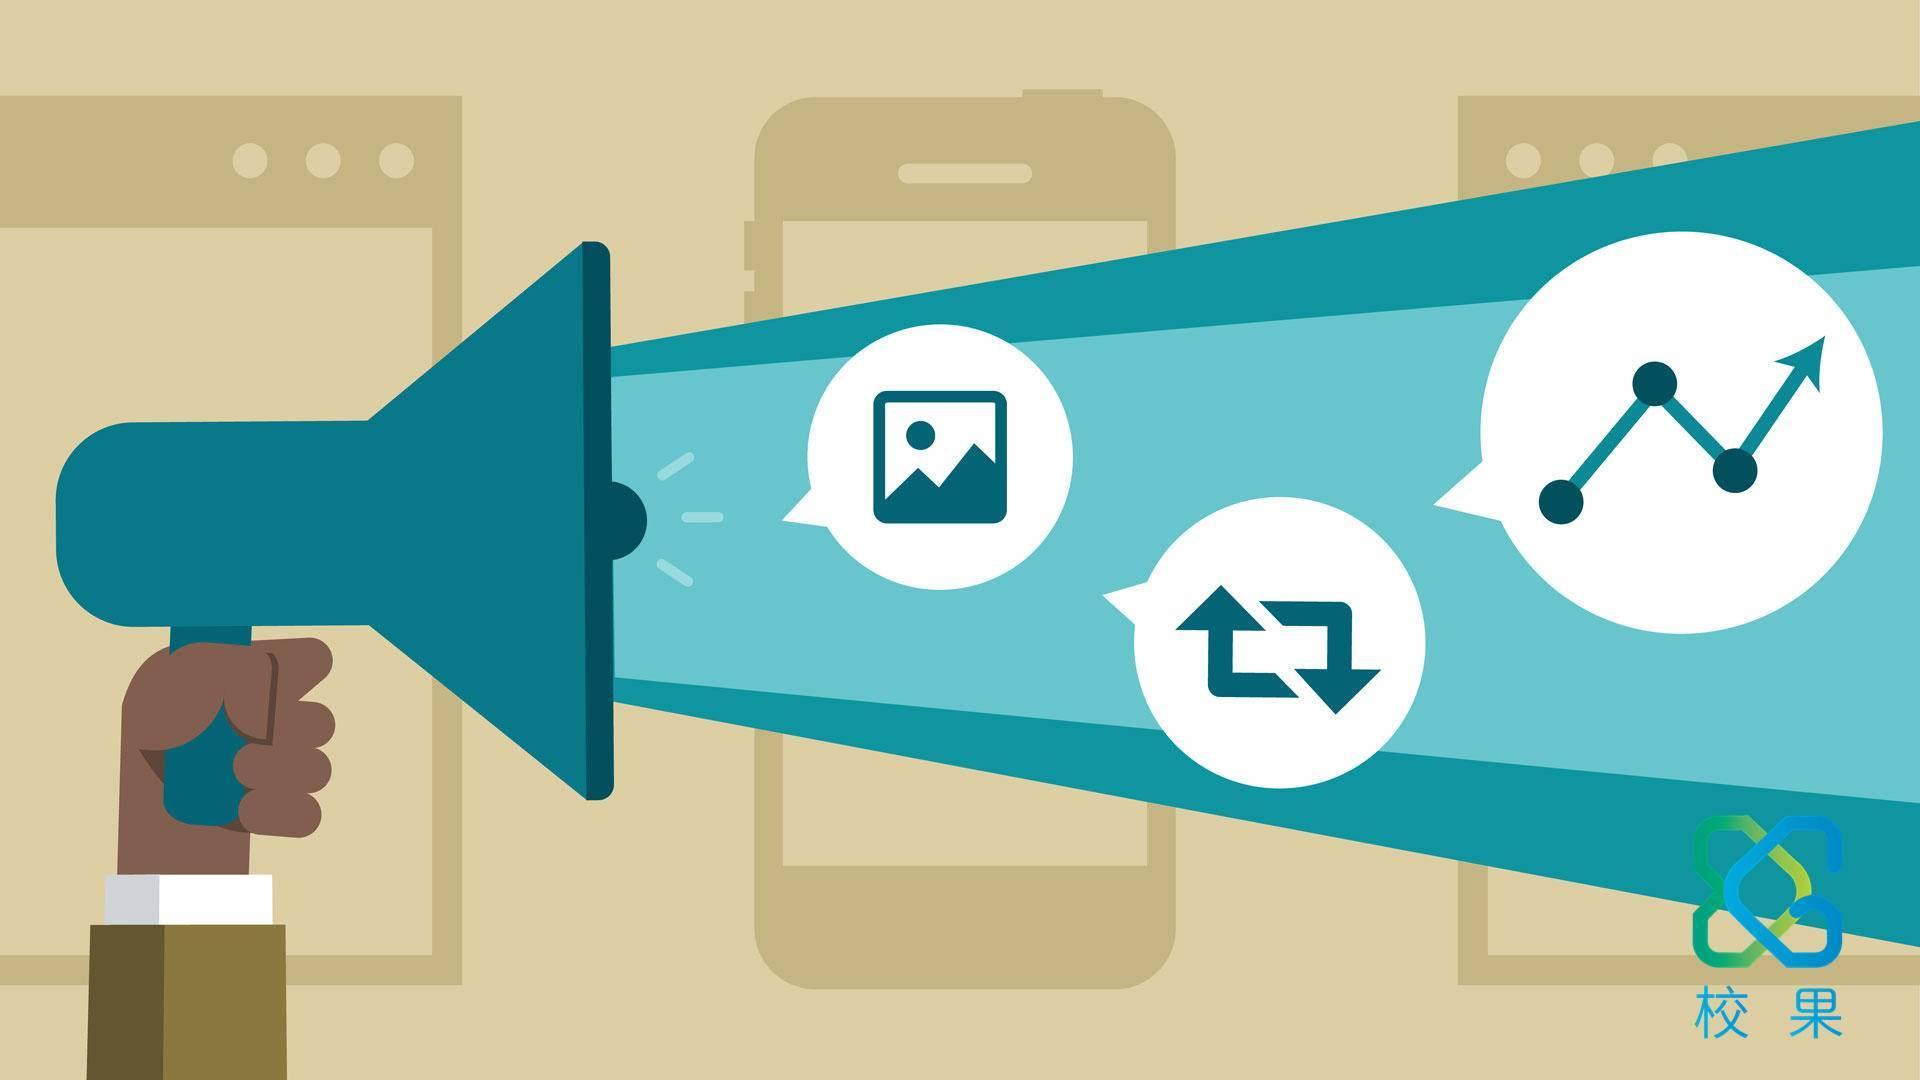 校园推广中的一种方法:视觉营销